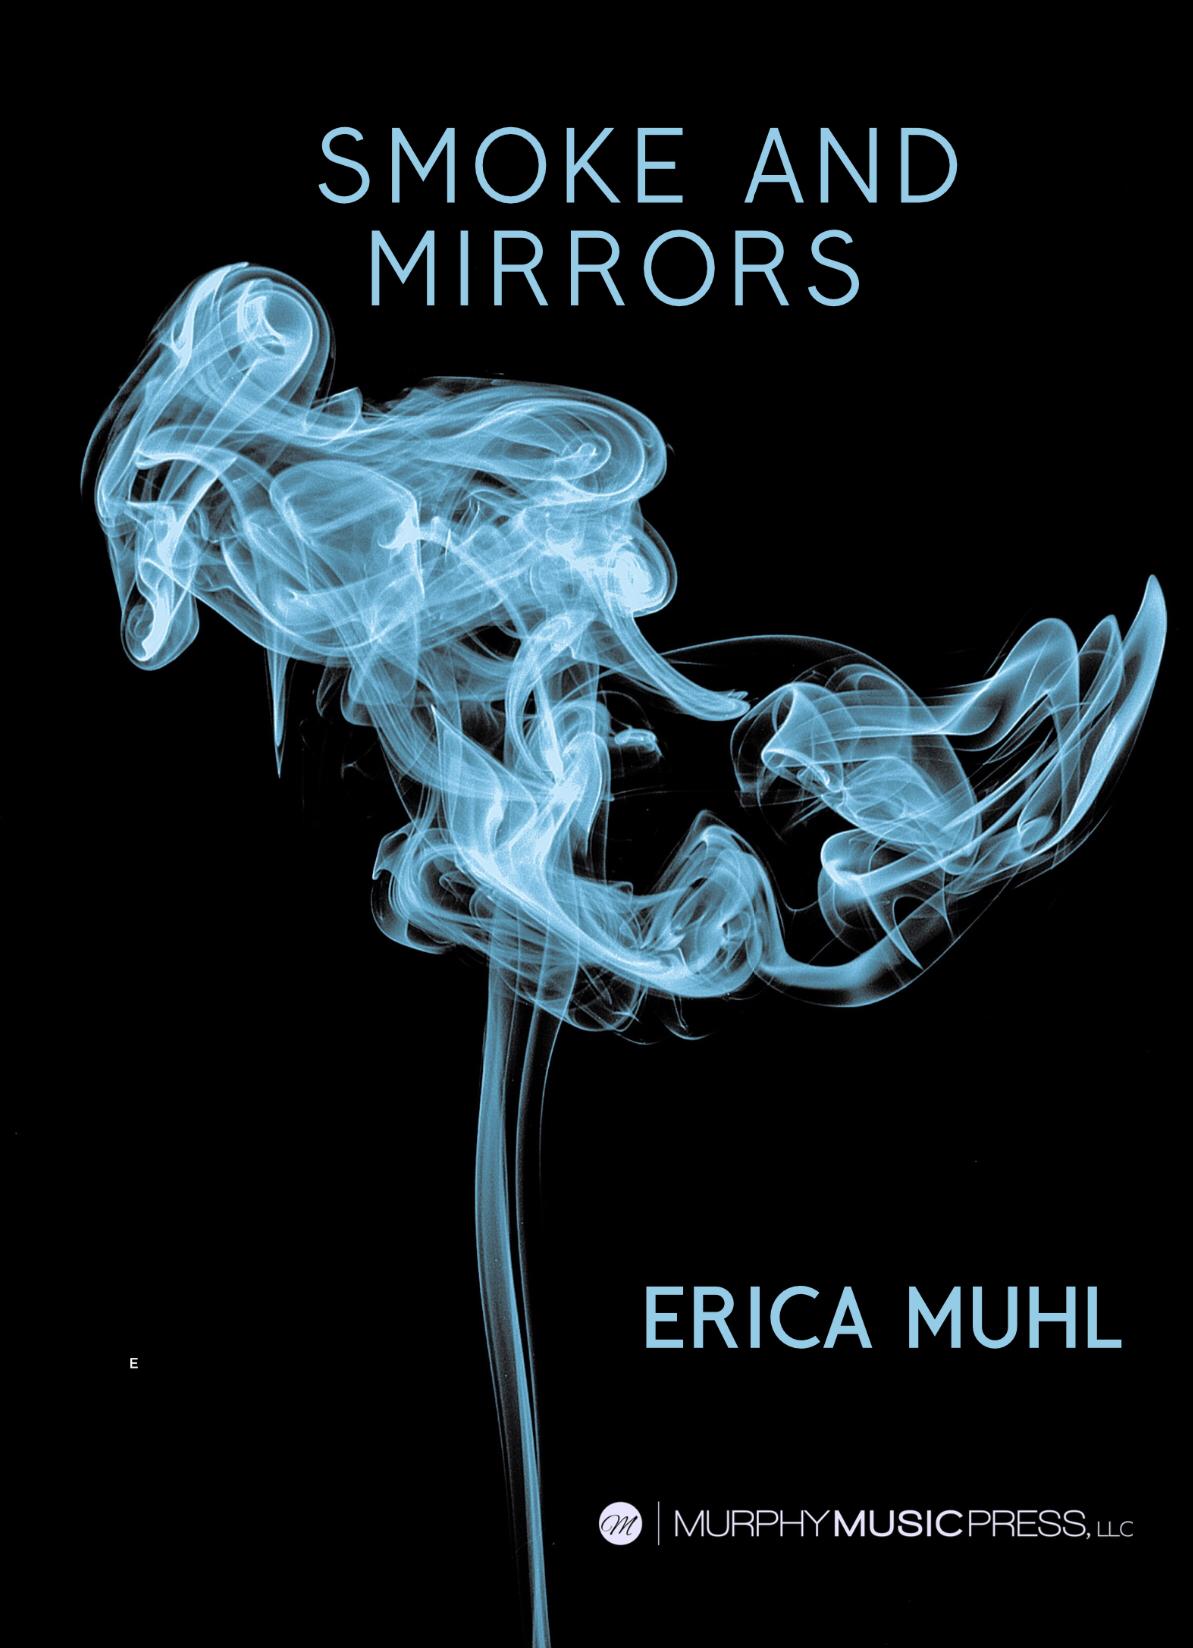 Smoke And Mirrors by Erica Muhl